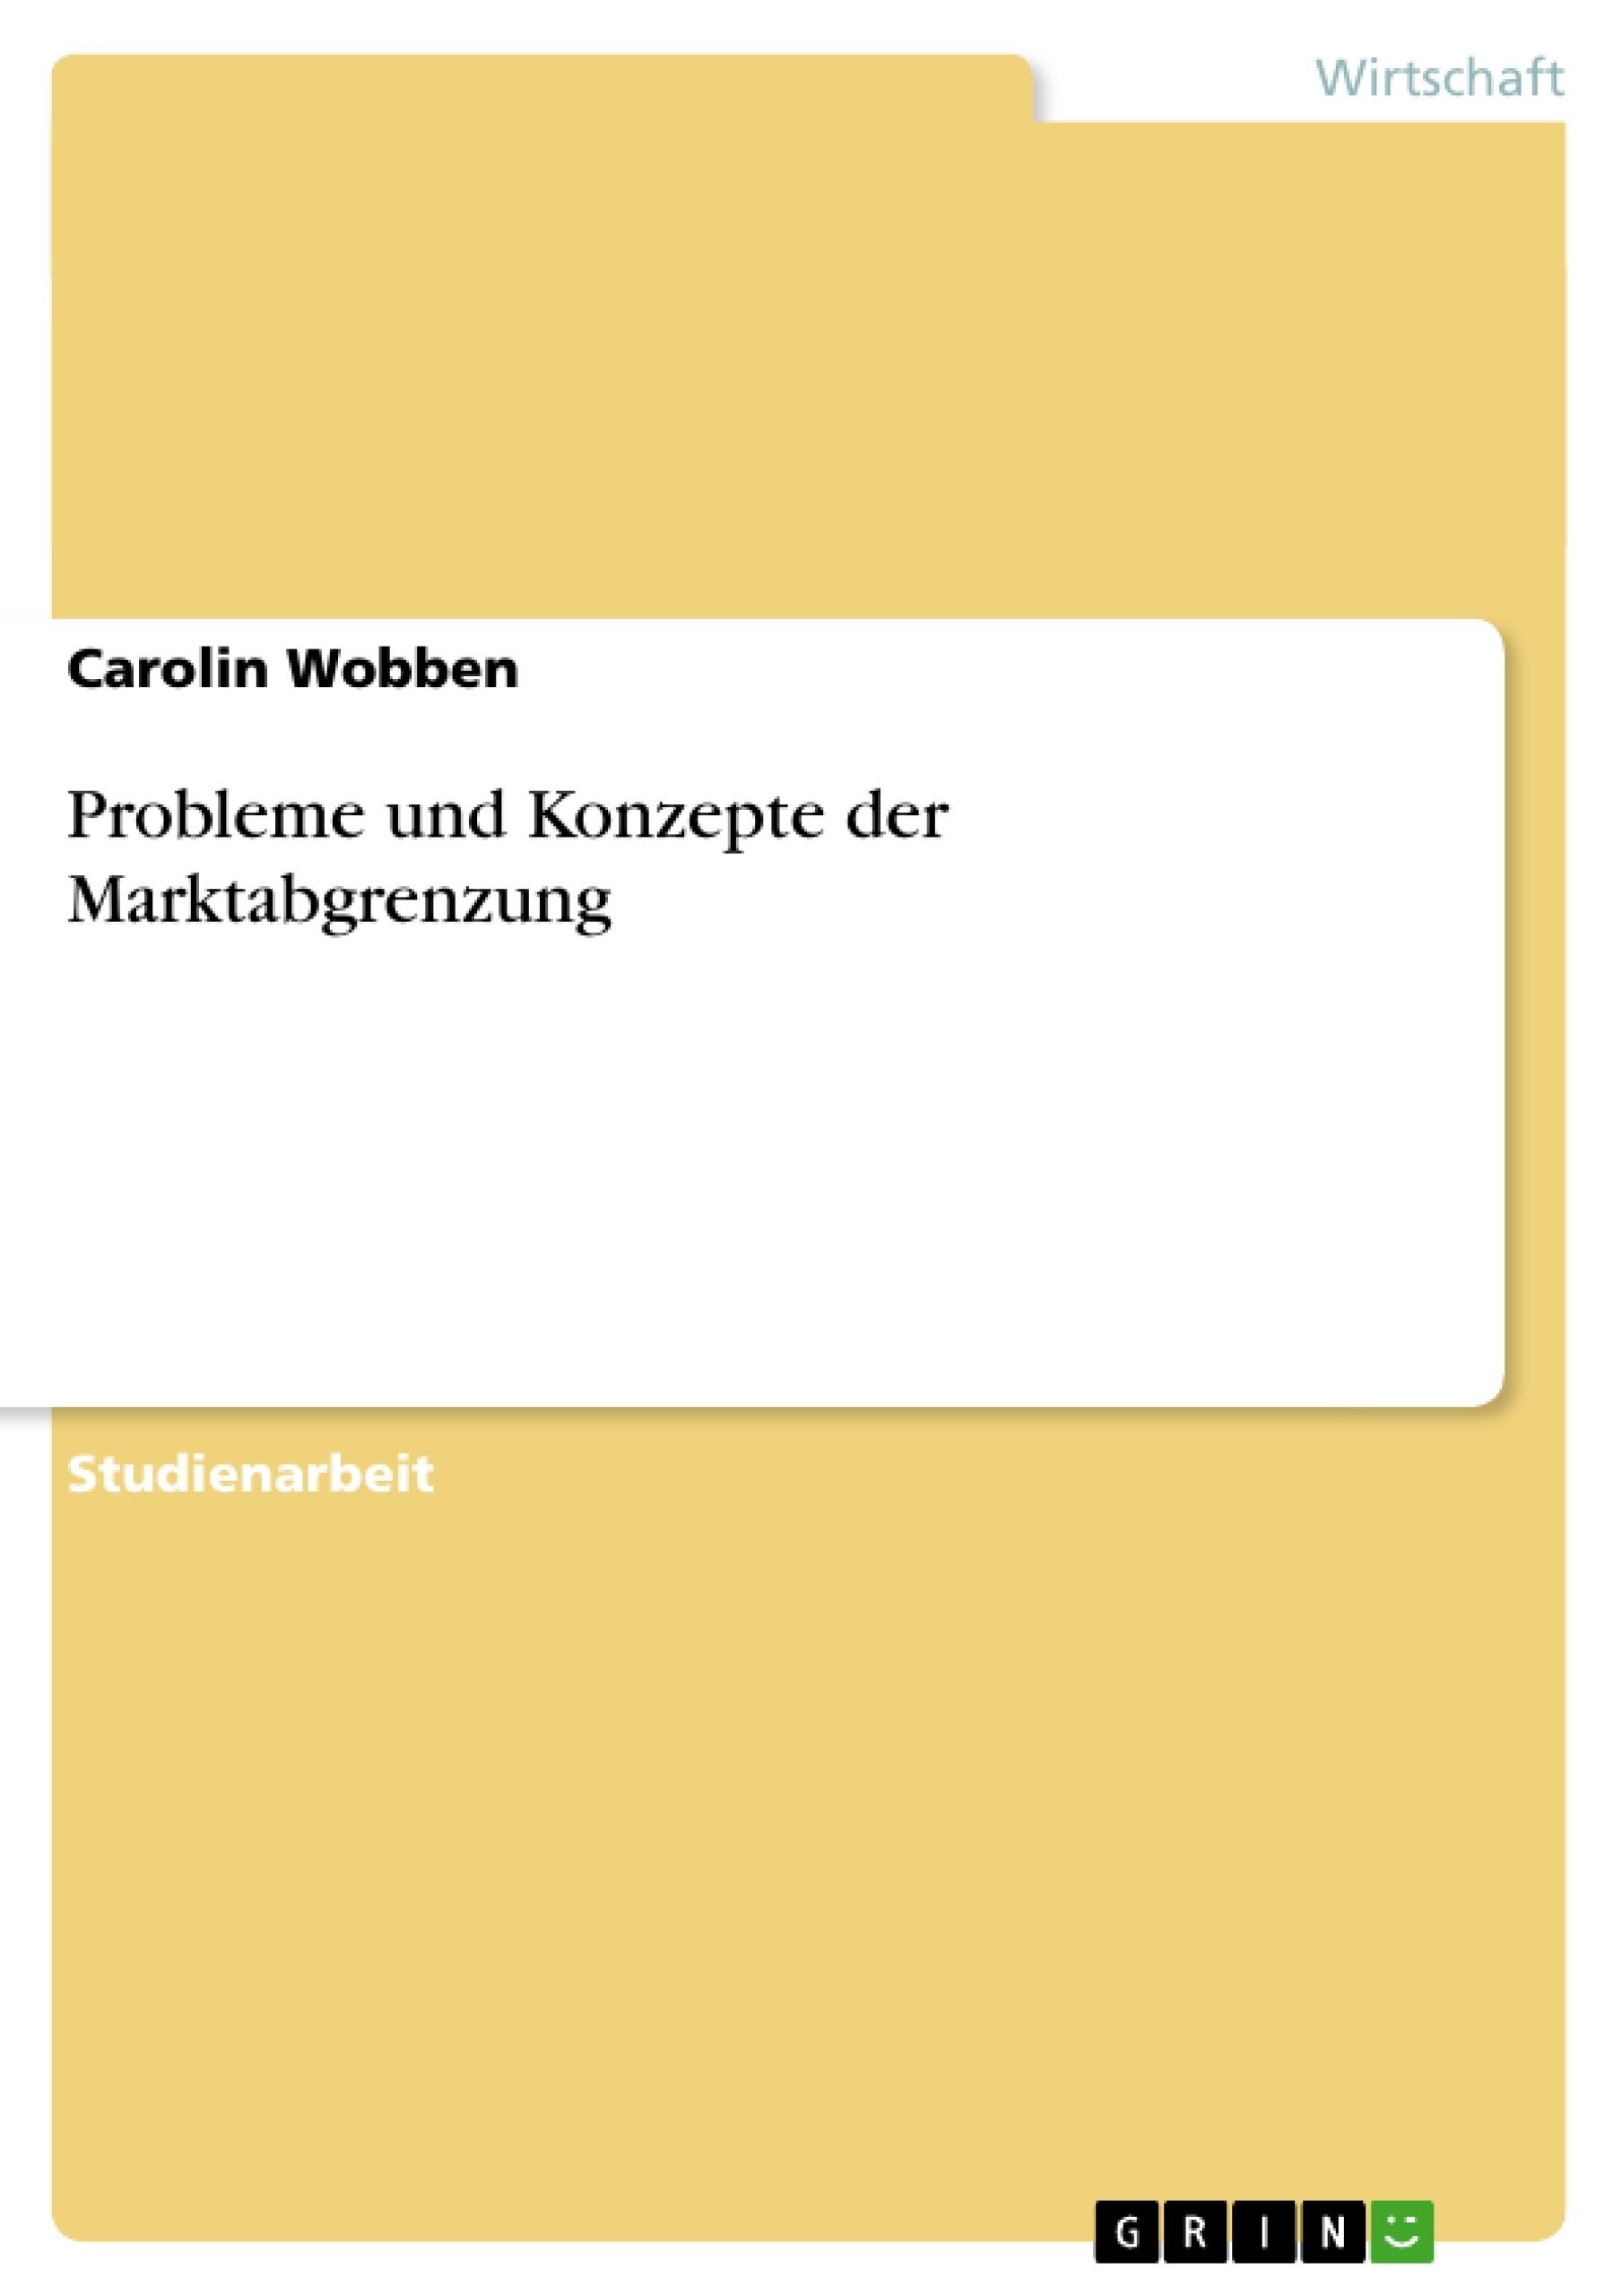 Titel: Probleme und Konzepte der Marktabgrenzung